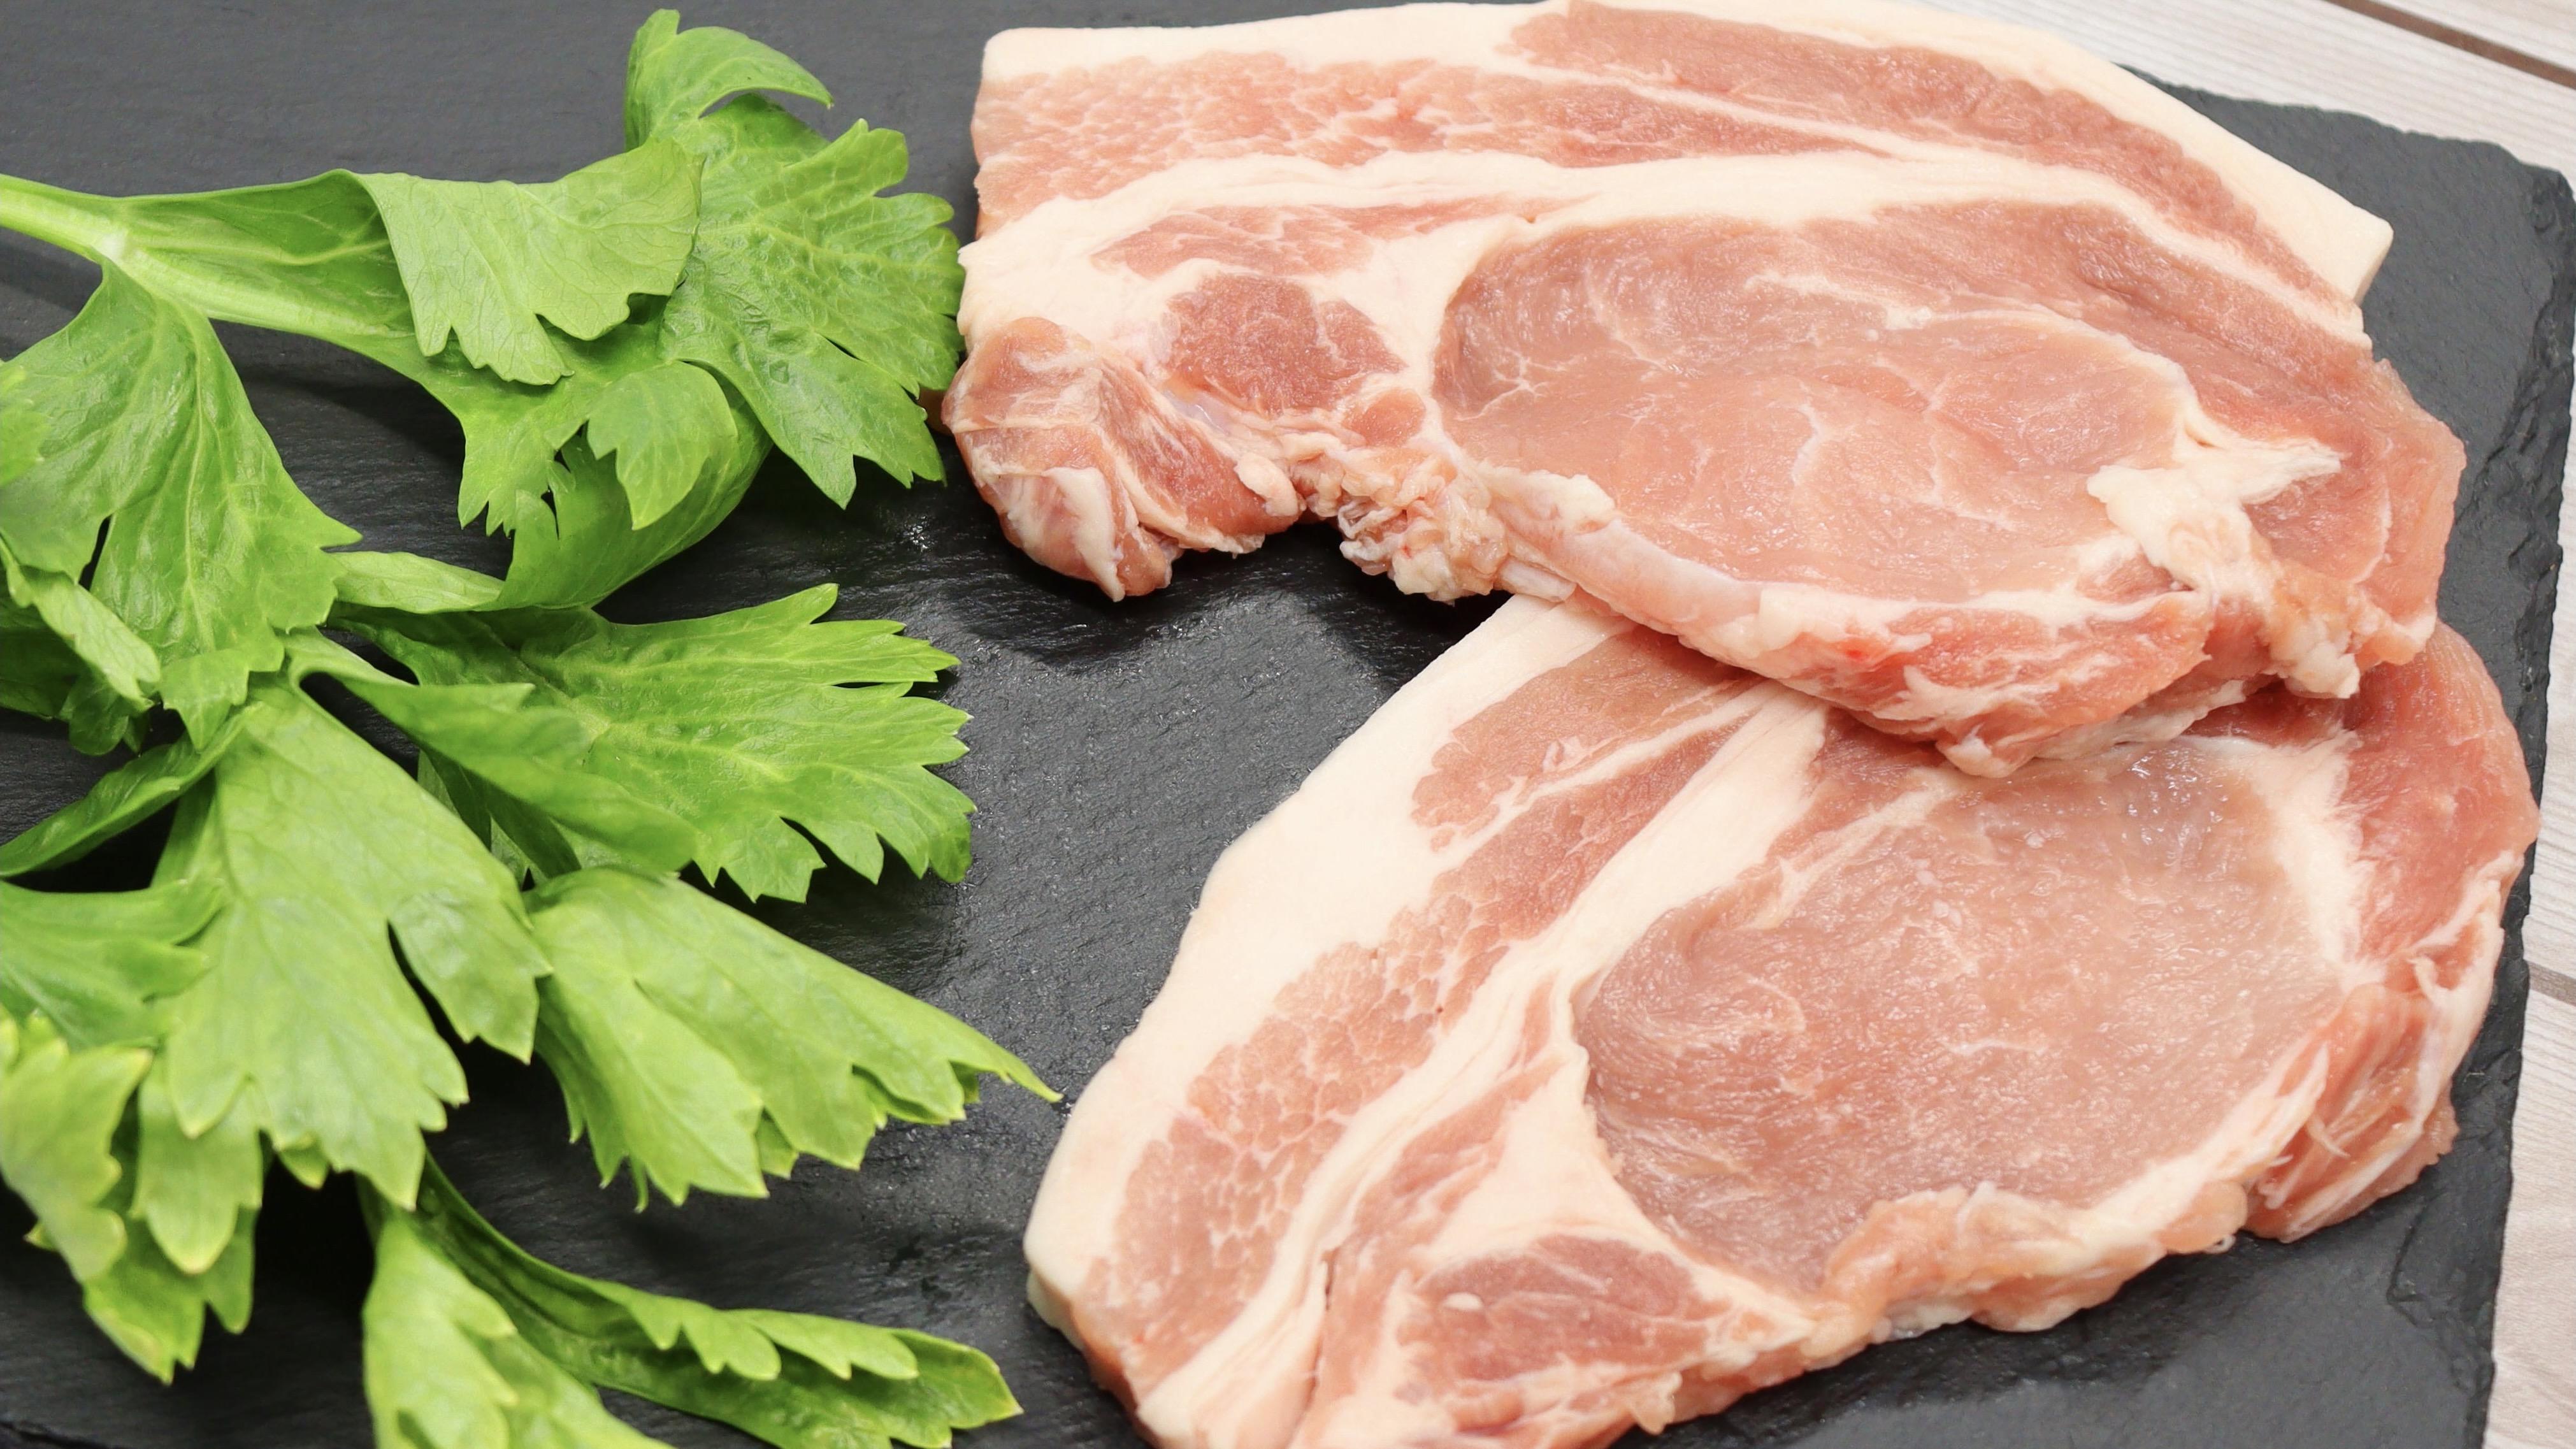 並木精肉店の豚肉